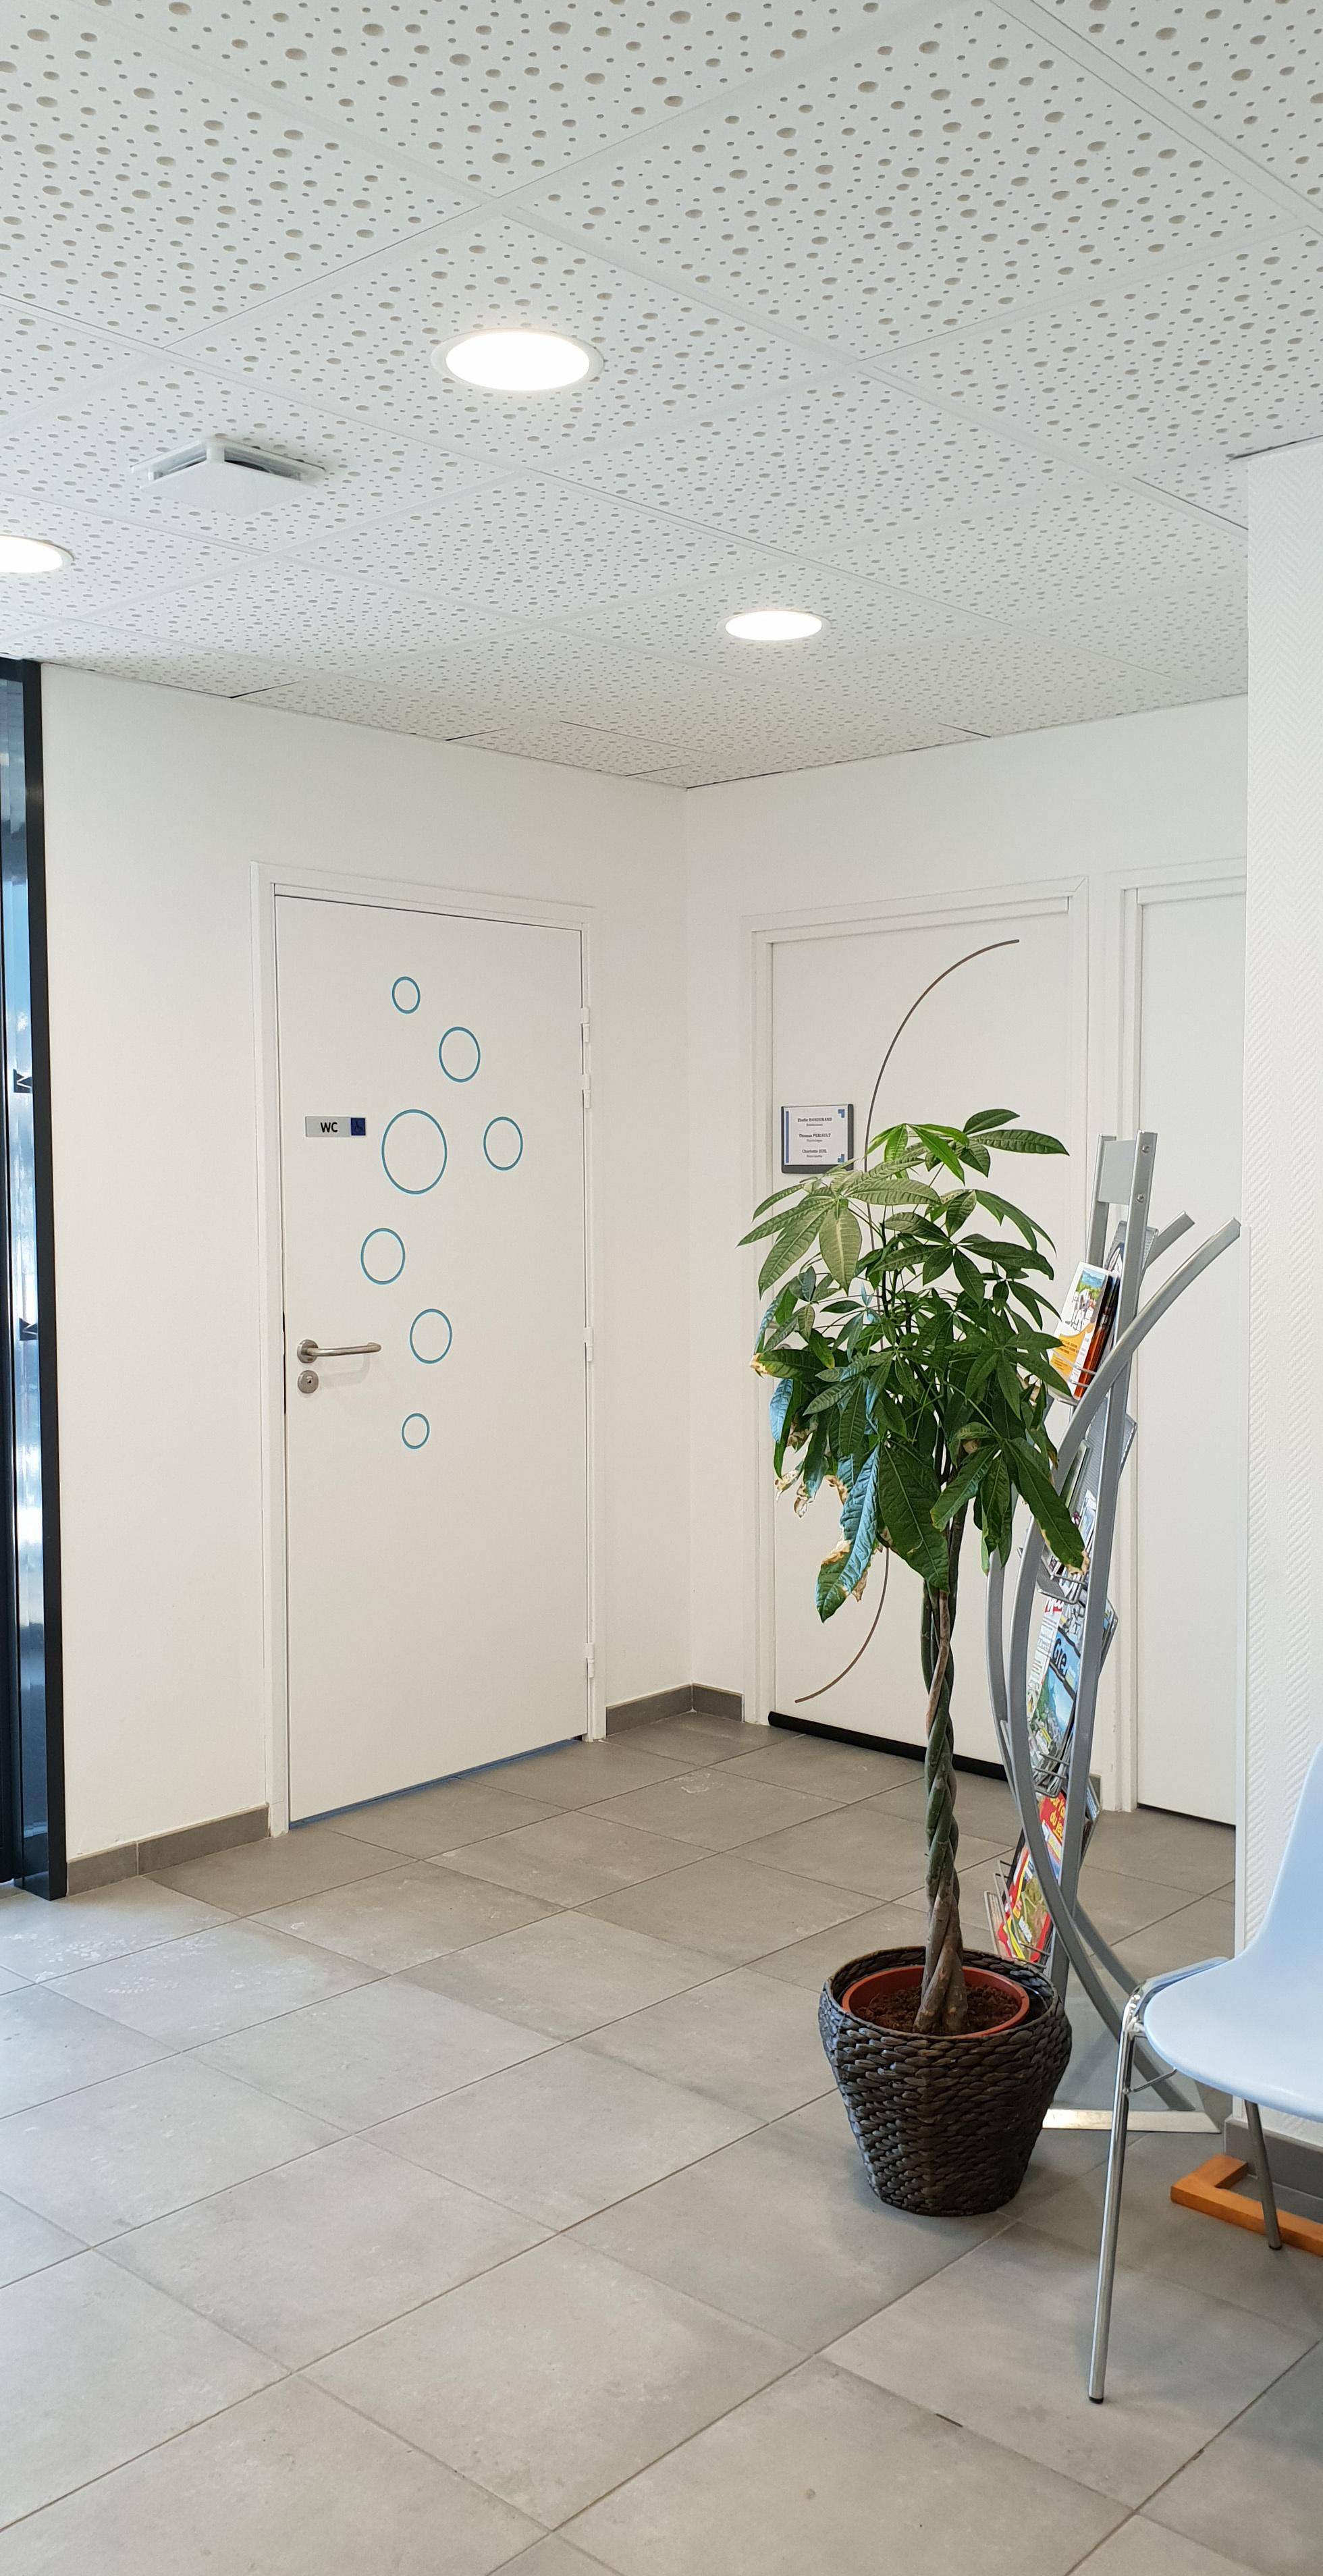 Placo / portes